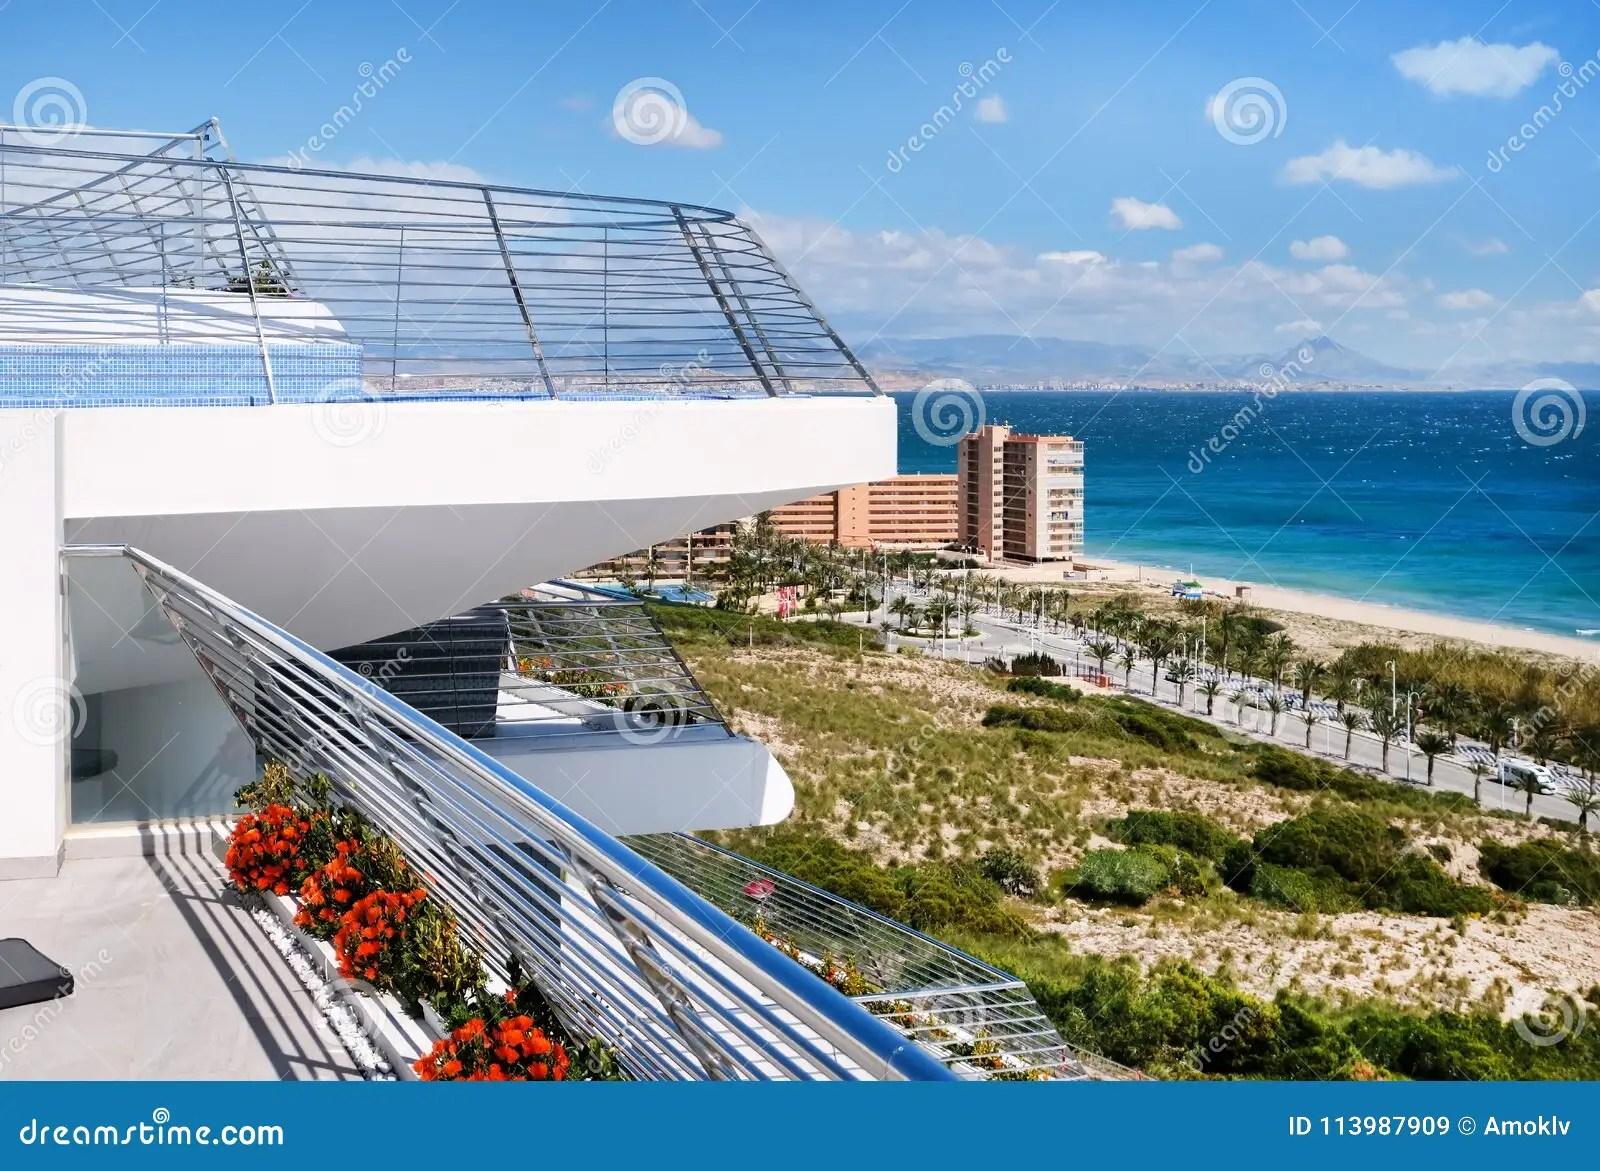 Alicante Coastline Costa Blanca Spain Stock Image Image